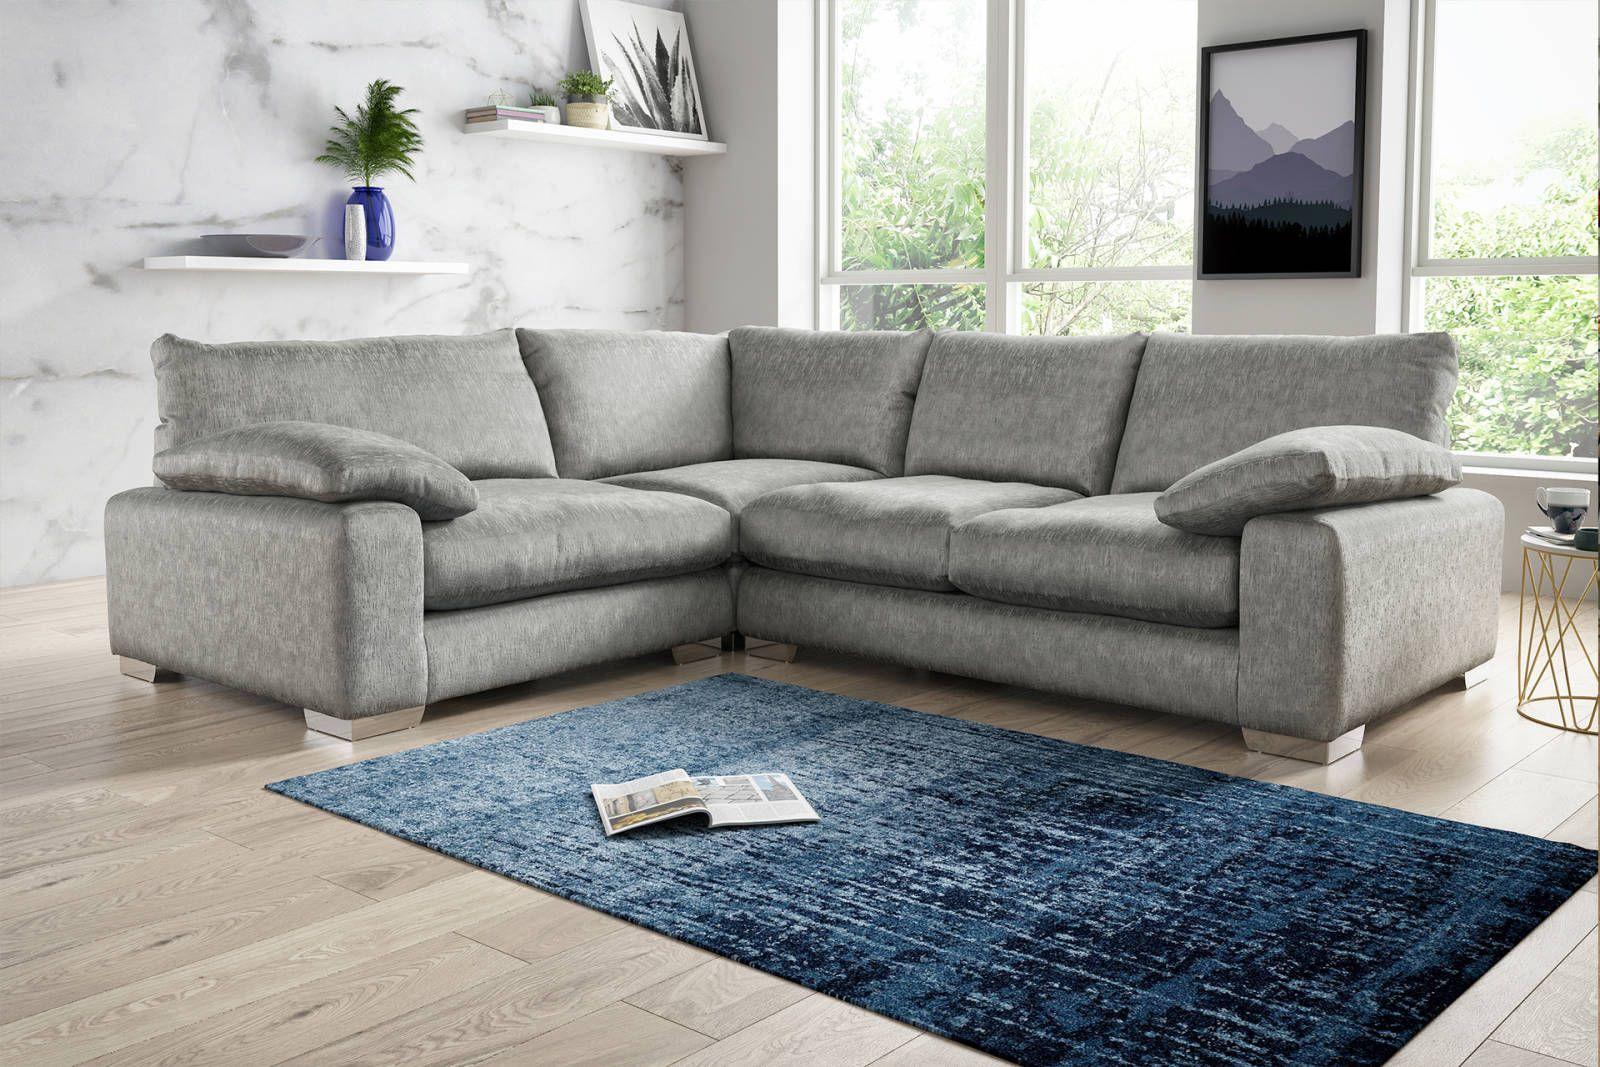 Coco Sofology Home Decor Living Room Decor Fabric Sofa